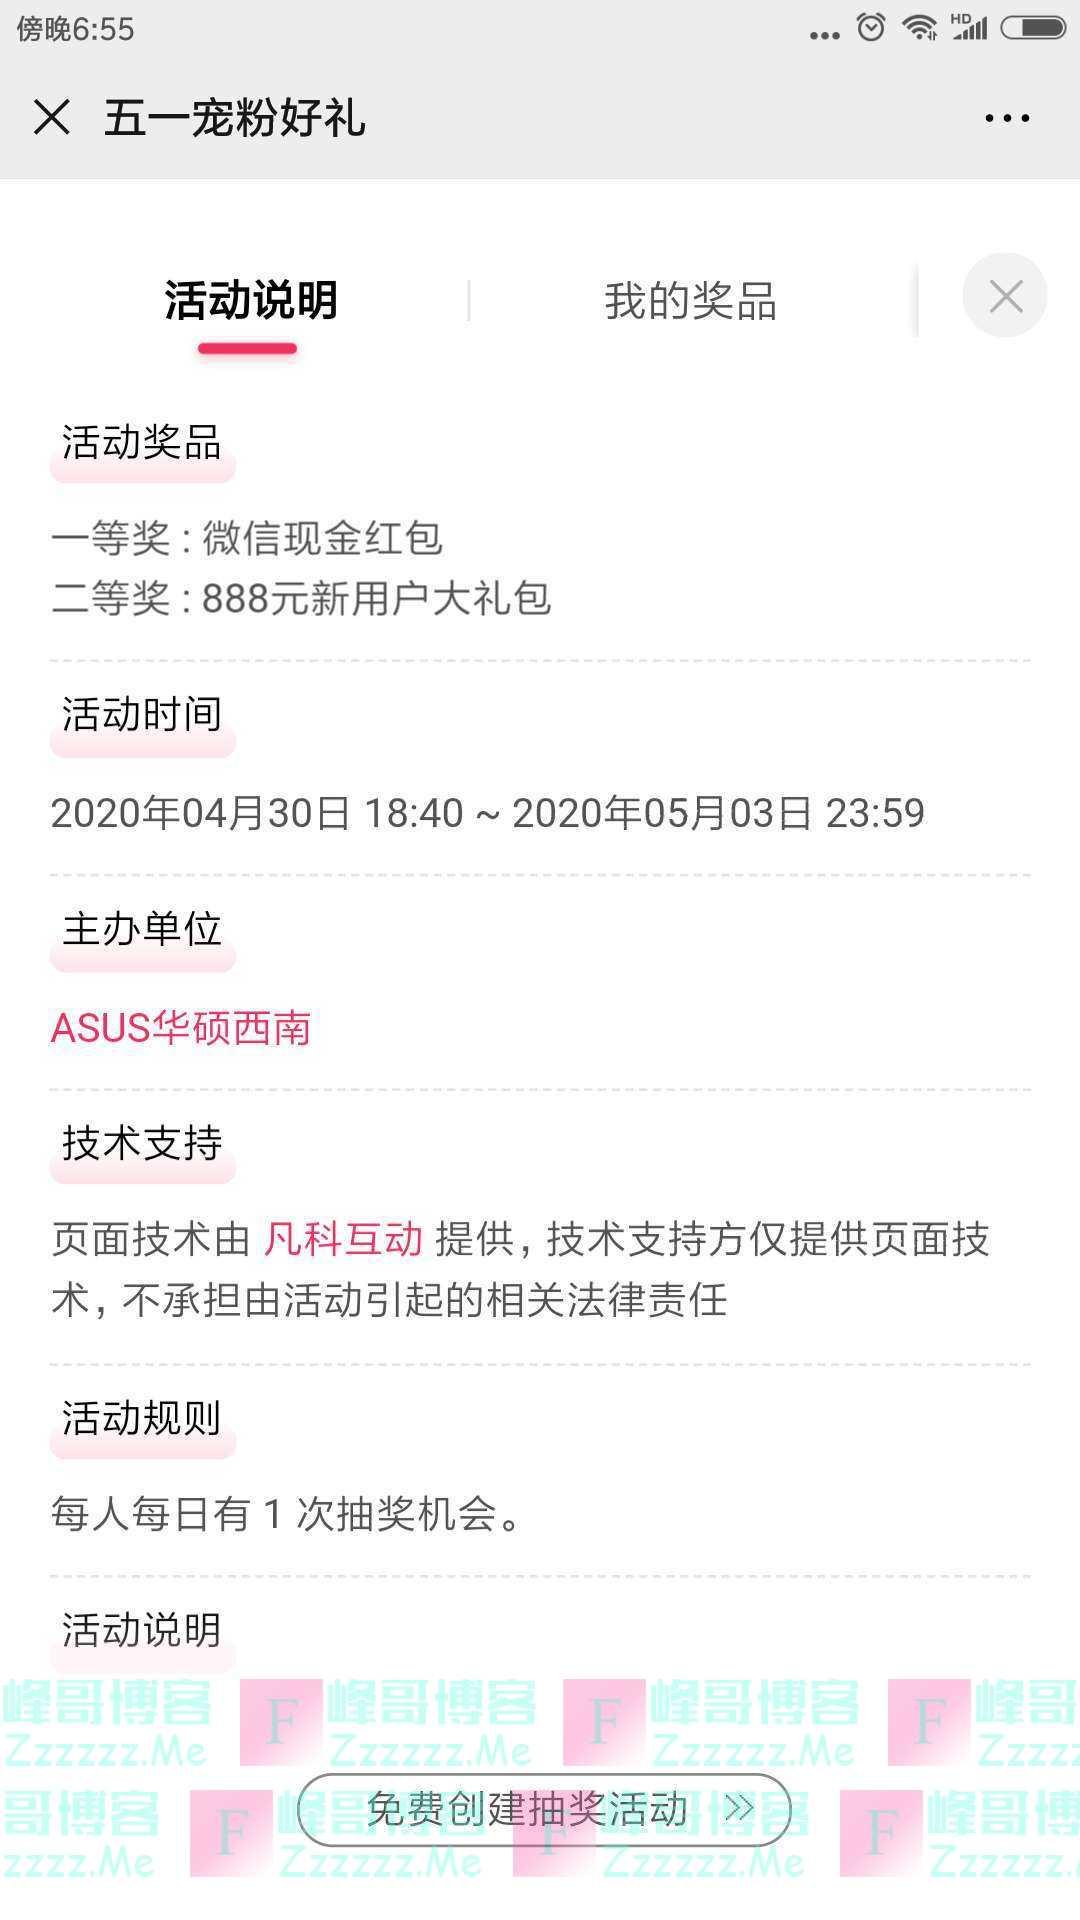 ASUS华硕西南红包福利(截止5月3日)